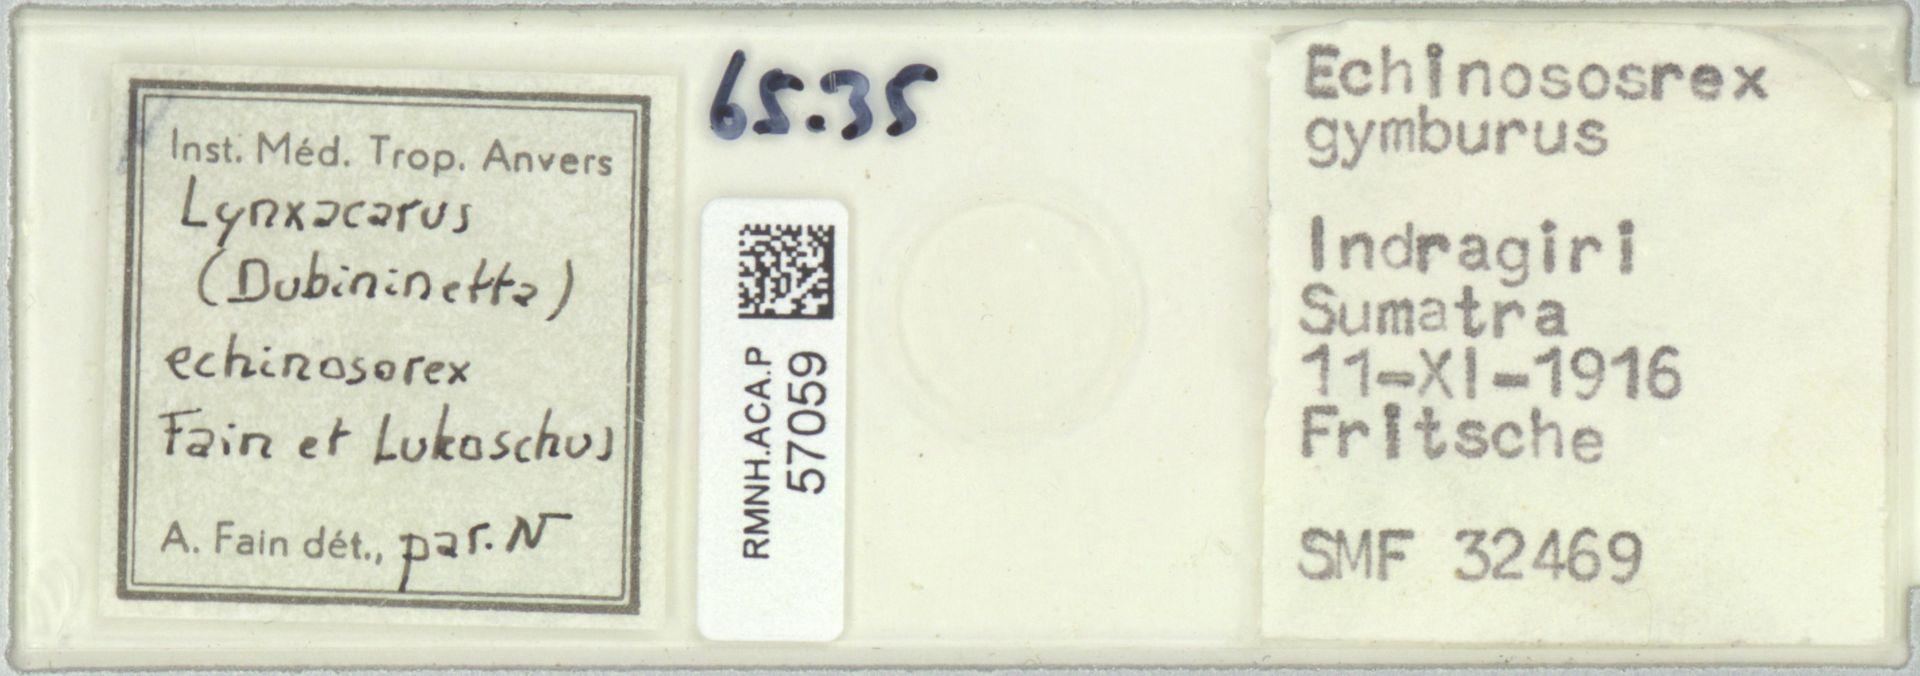 RMNH.ACA.P.57059   Lynxacarus (Dubininetta) echinosorex Fain et Lukoschus